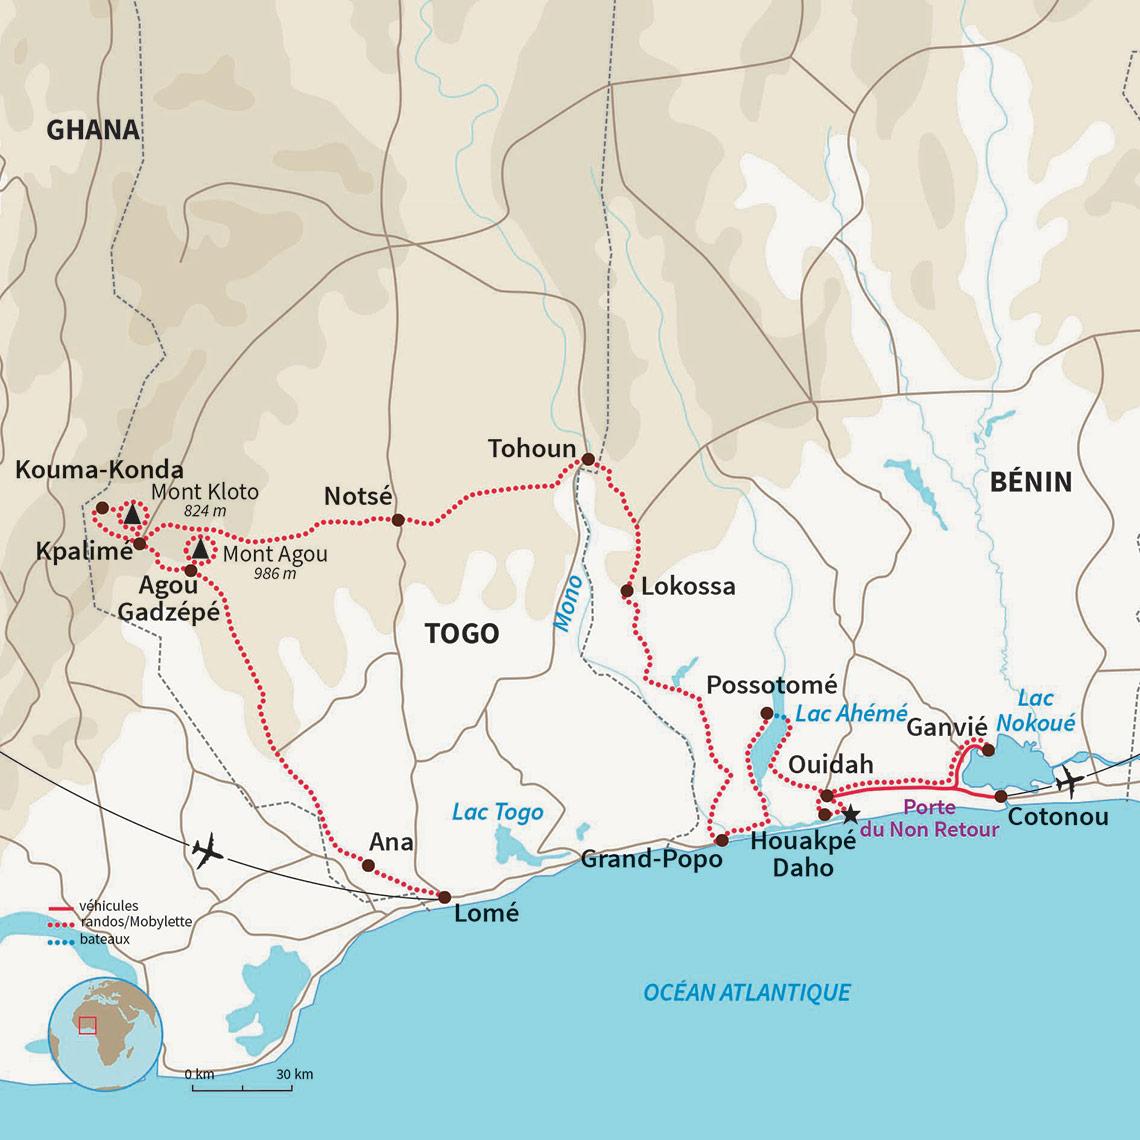 a3570e30fc Voyage Togo et Bénin à Mobylette : Panorama